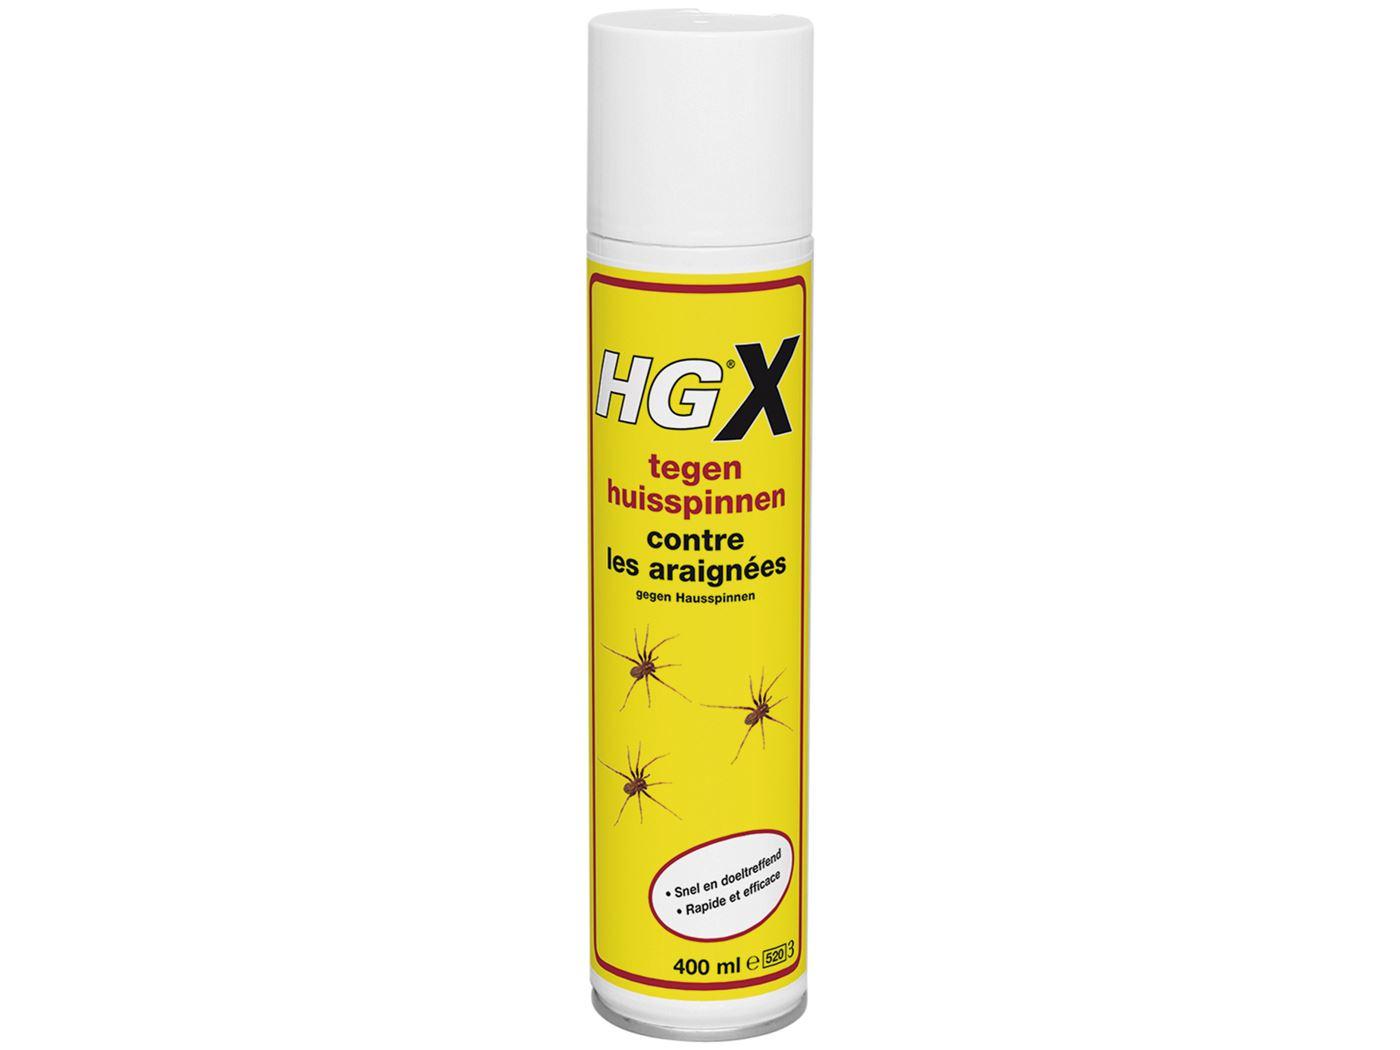 hgx spray tegen huisspinnen